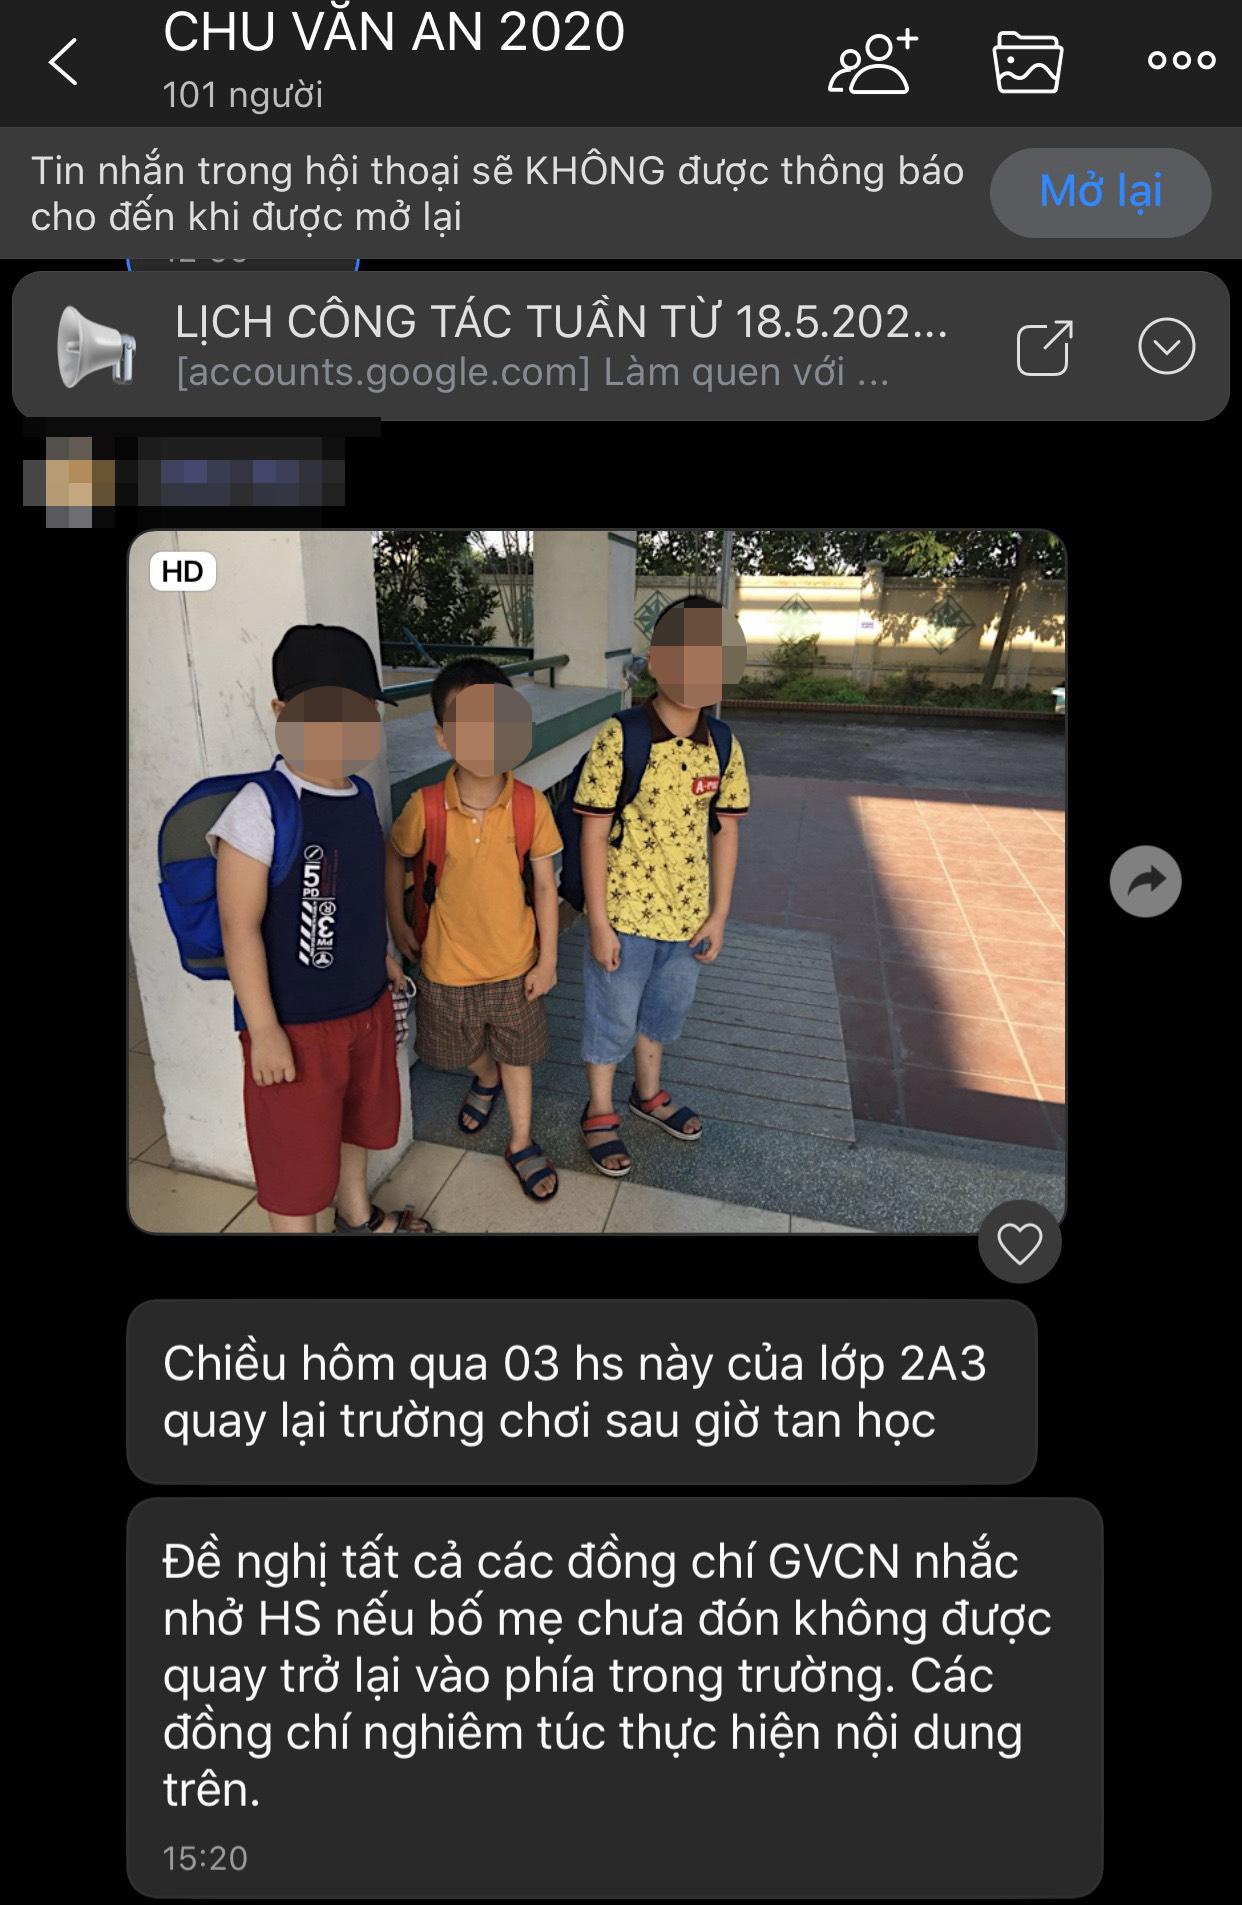 """Phụ huynh ở Hà Nội phản ánh cô giáo """"không cho học sinh quay lại trong trường"""" khiến con gái phải lang thang ngoài đường sau giờ tan học  - Ảnh 5."""